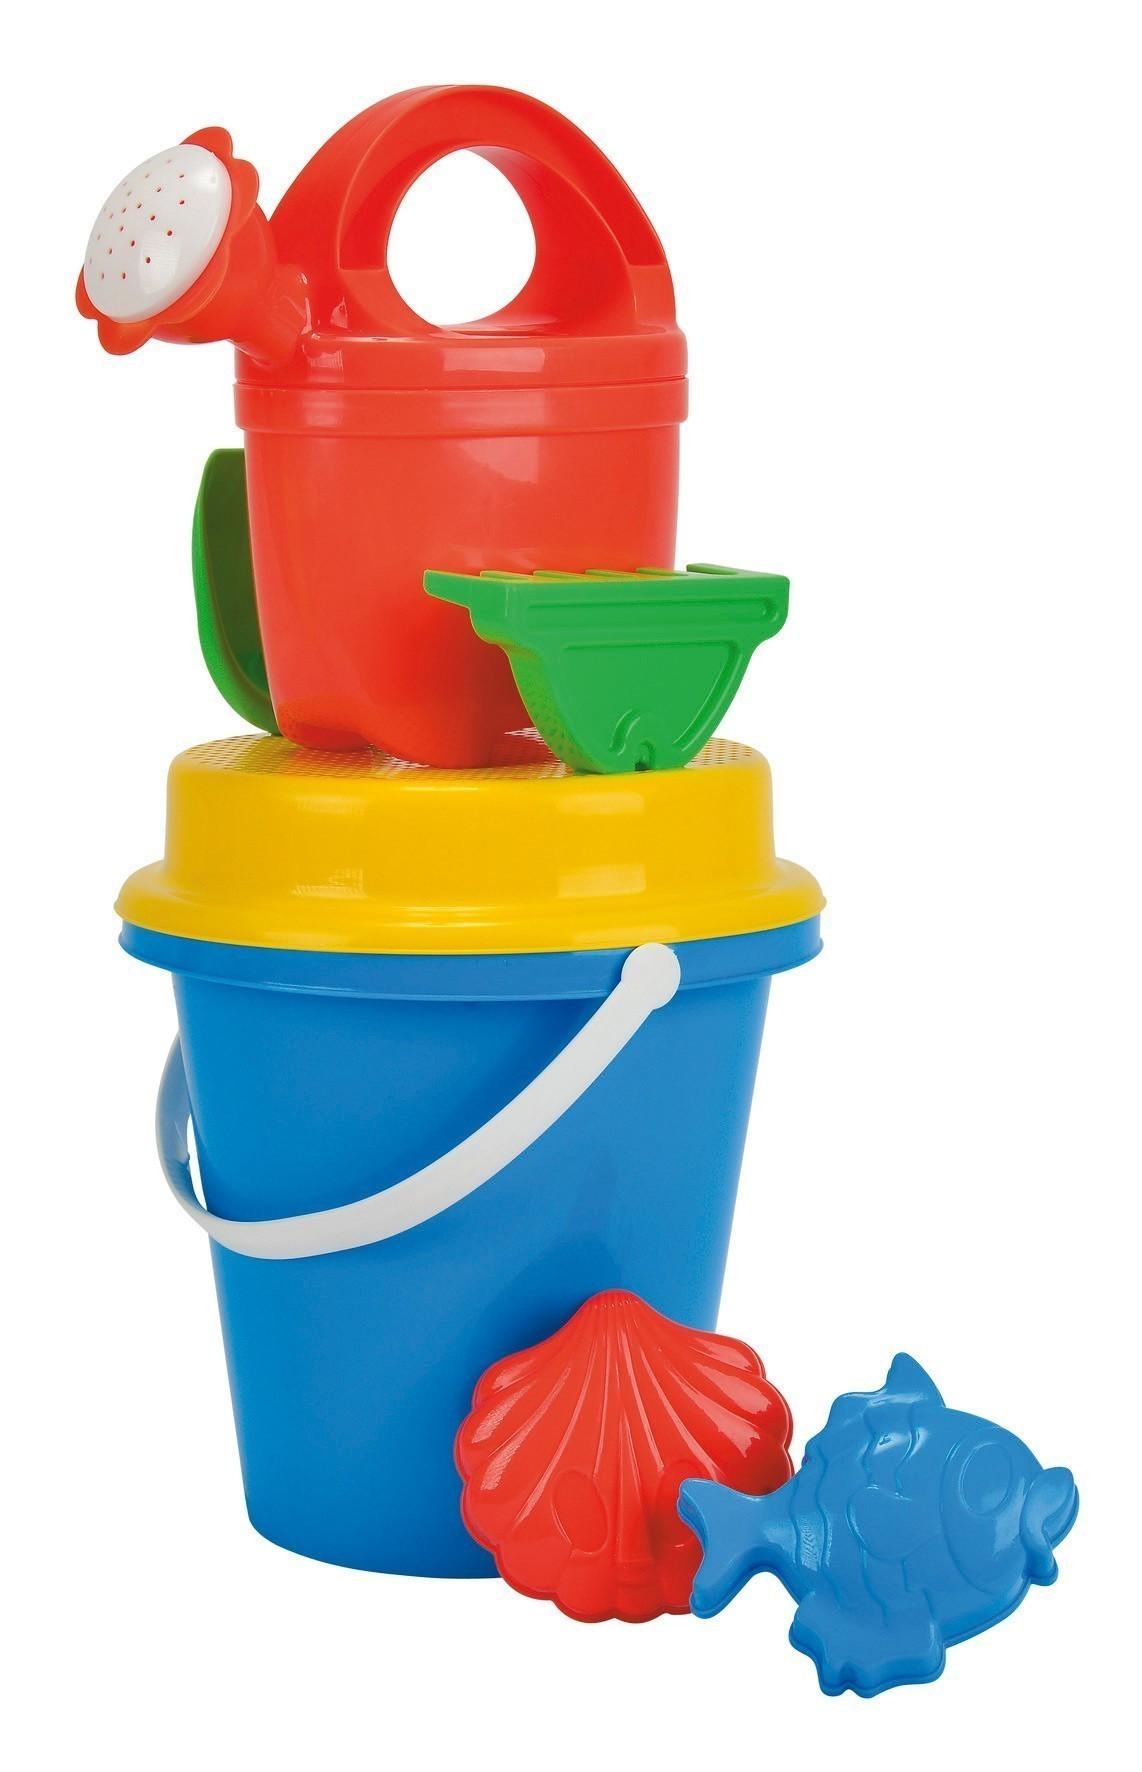 Sandspielzeug Eimergarnitur 7-teilig Ø20cm Simba Bild 1